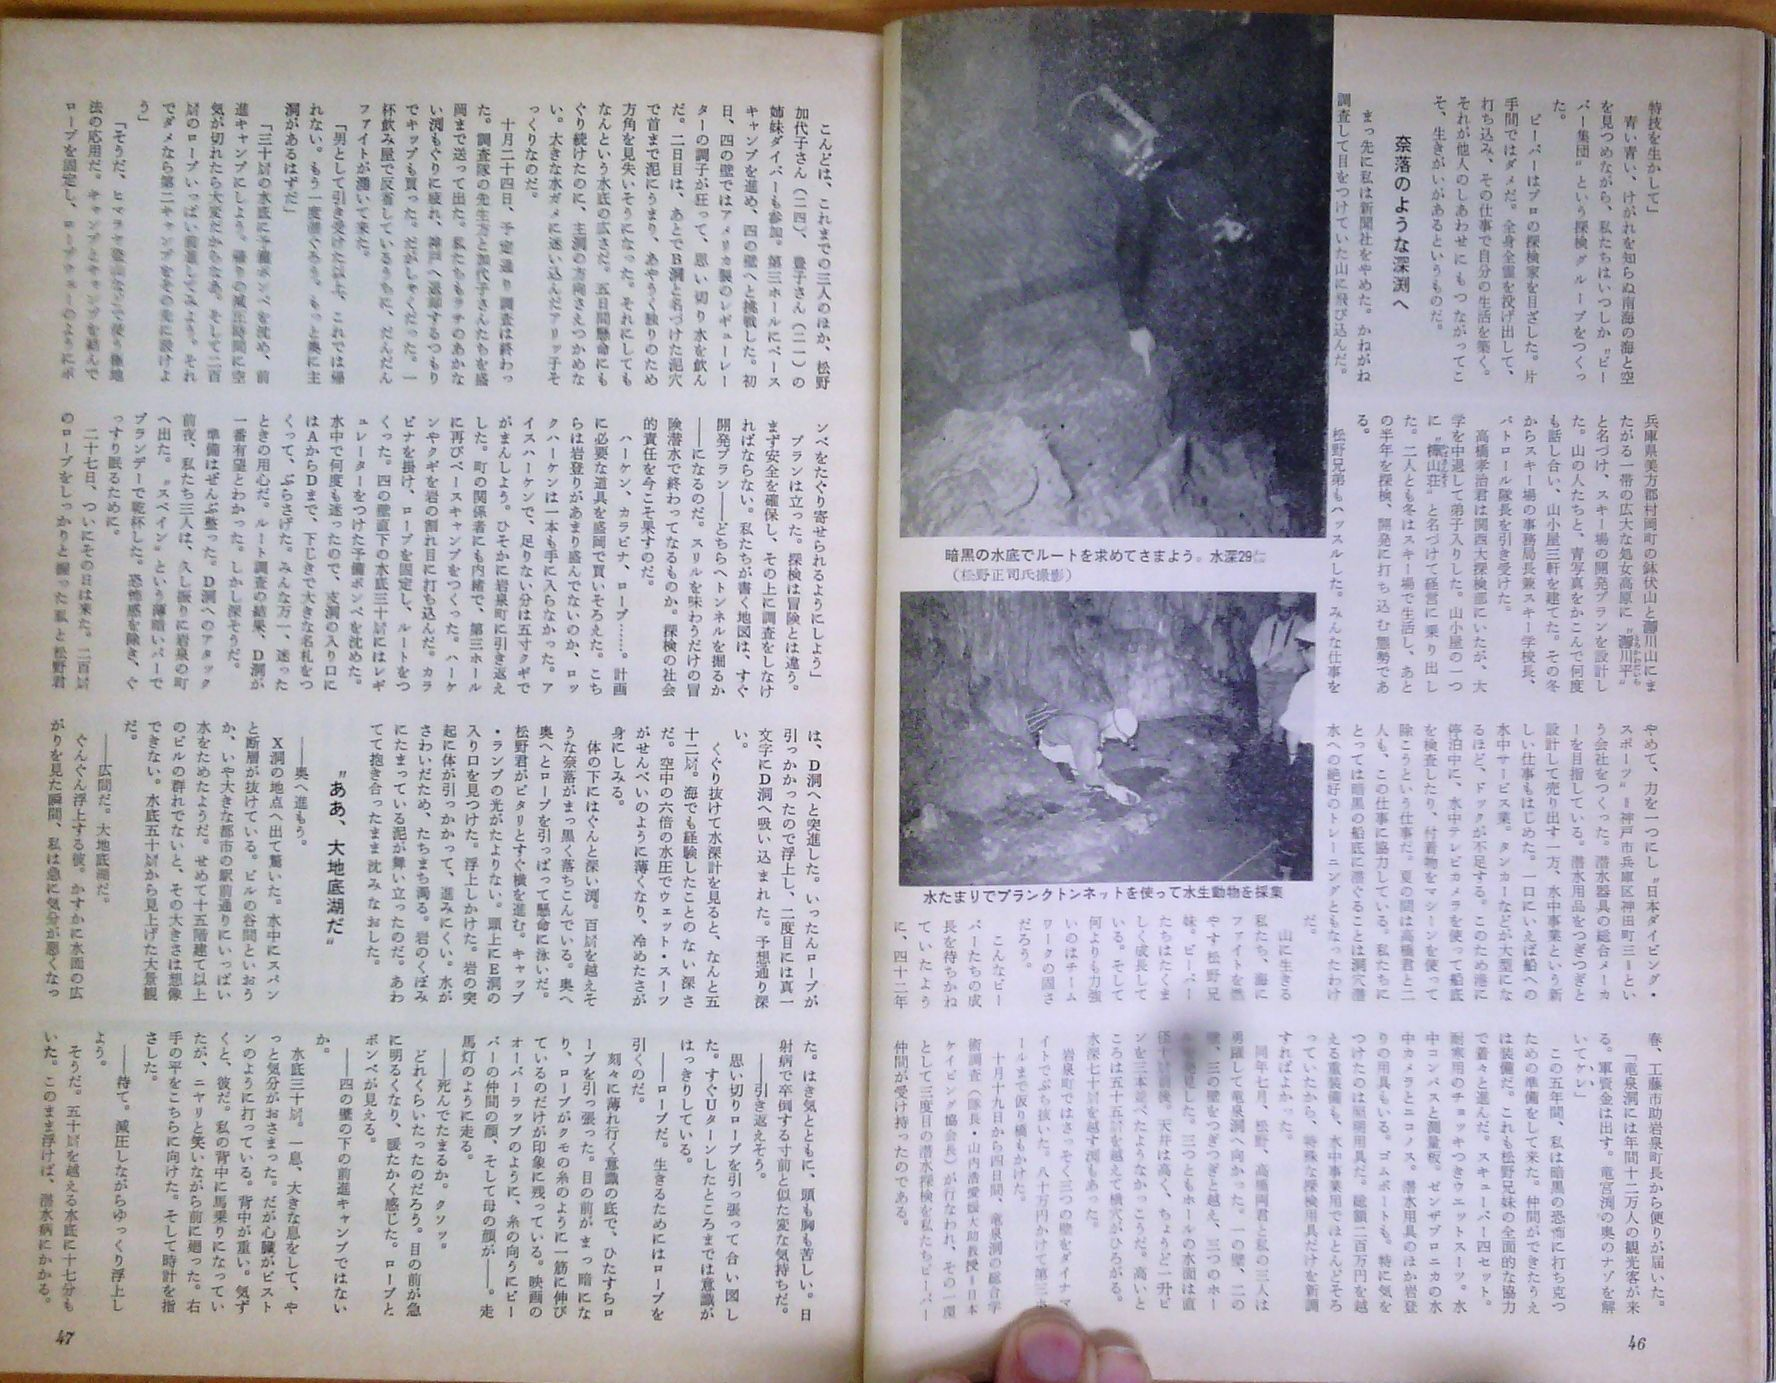 0325 ダイビングの歴史57 海の世界 1968-02_b0075059_14254105.jpg